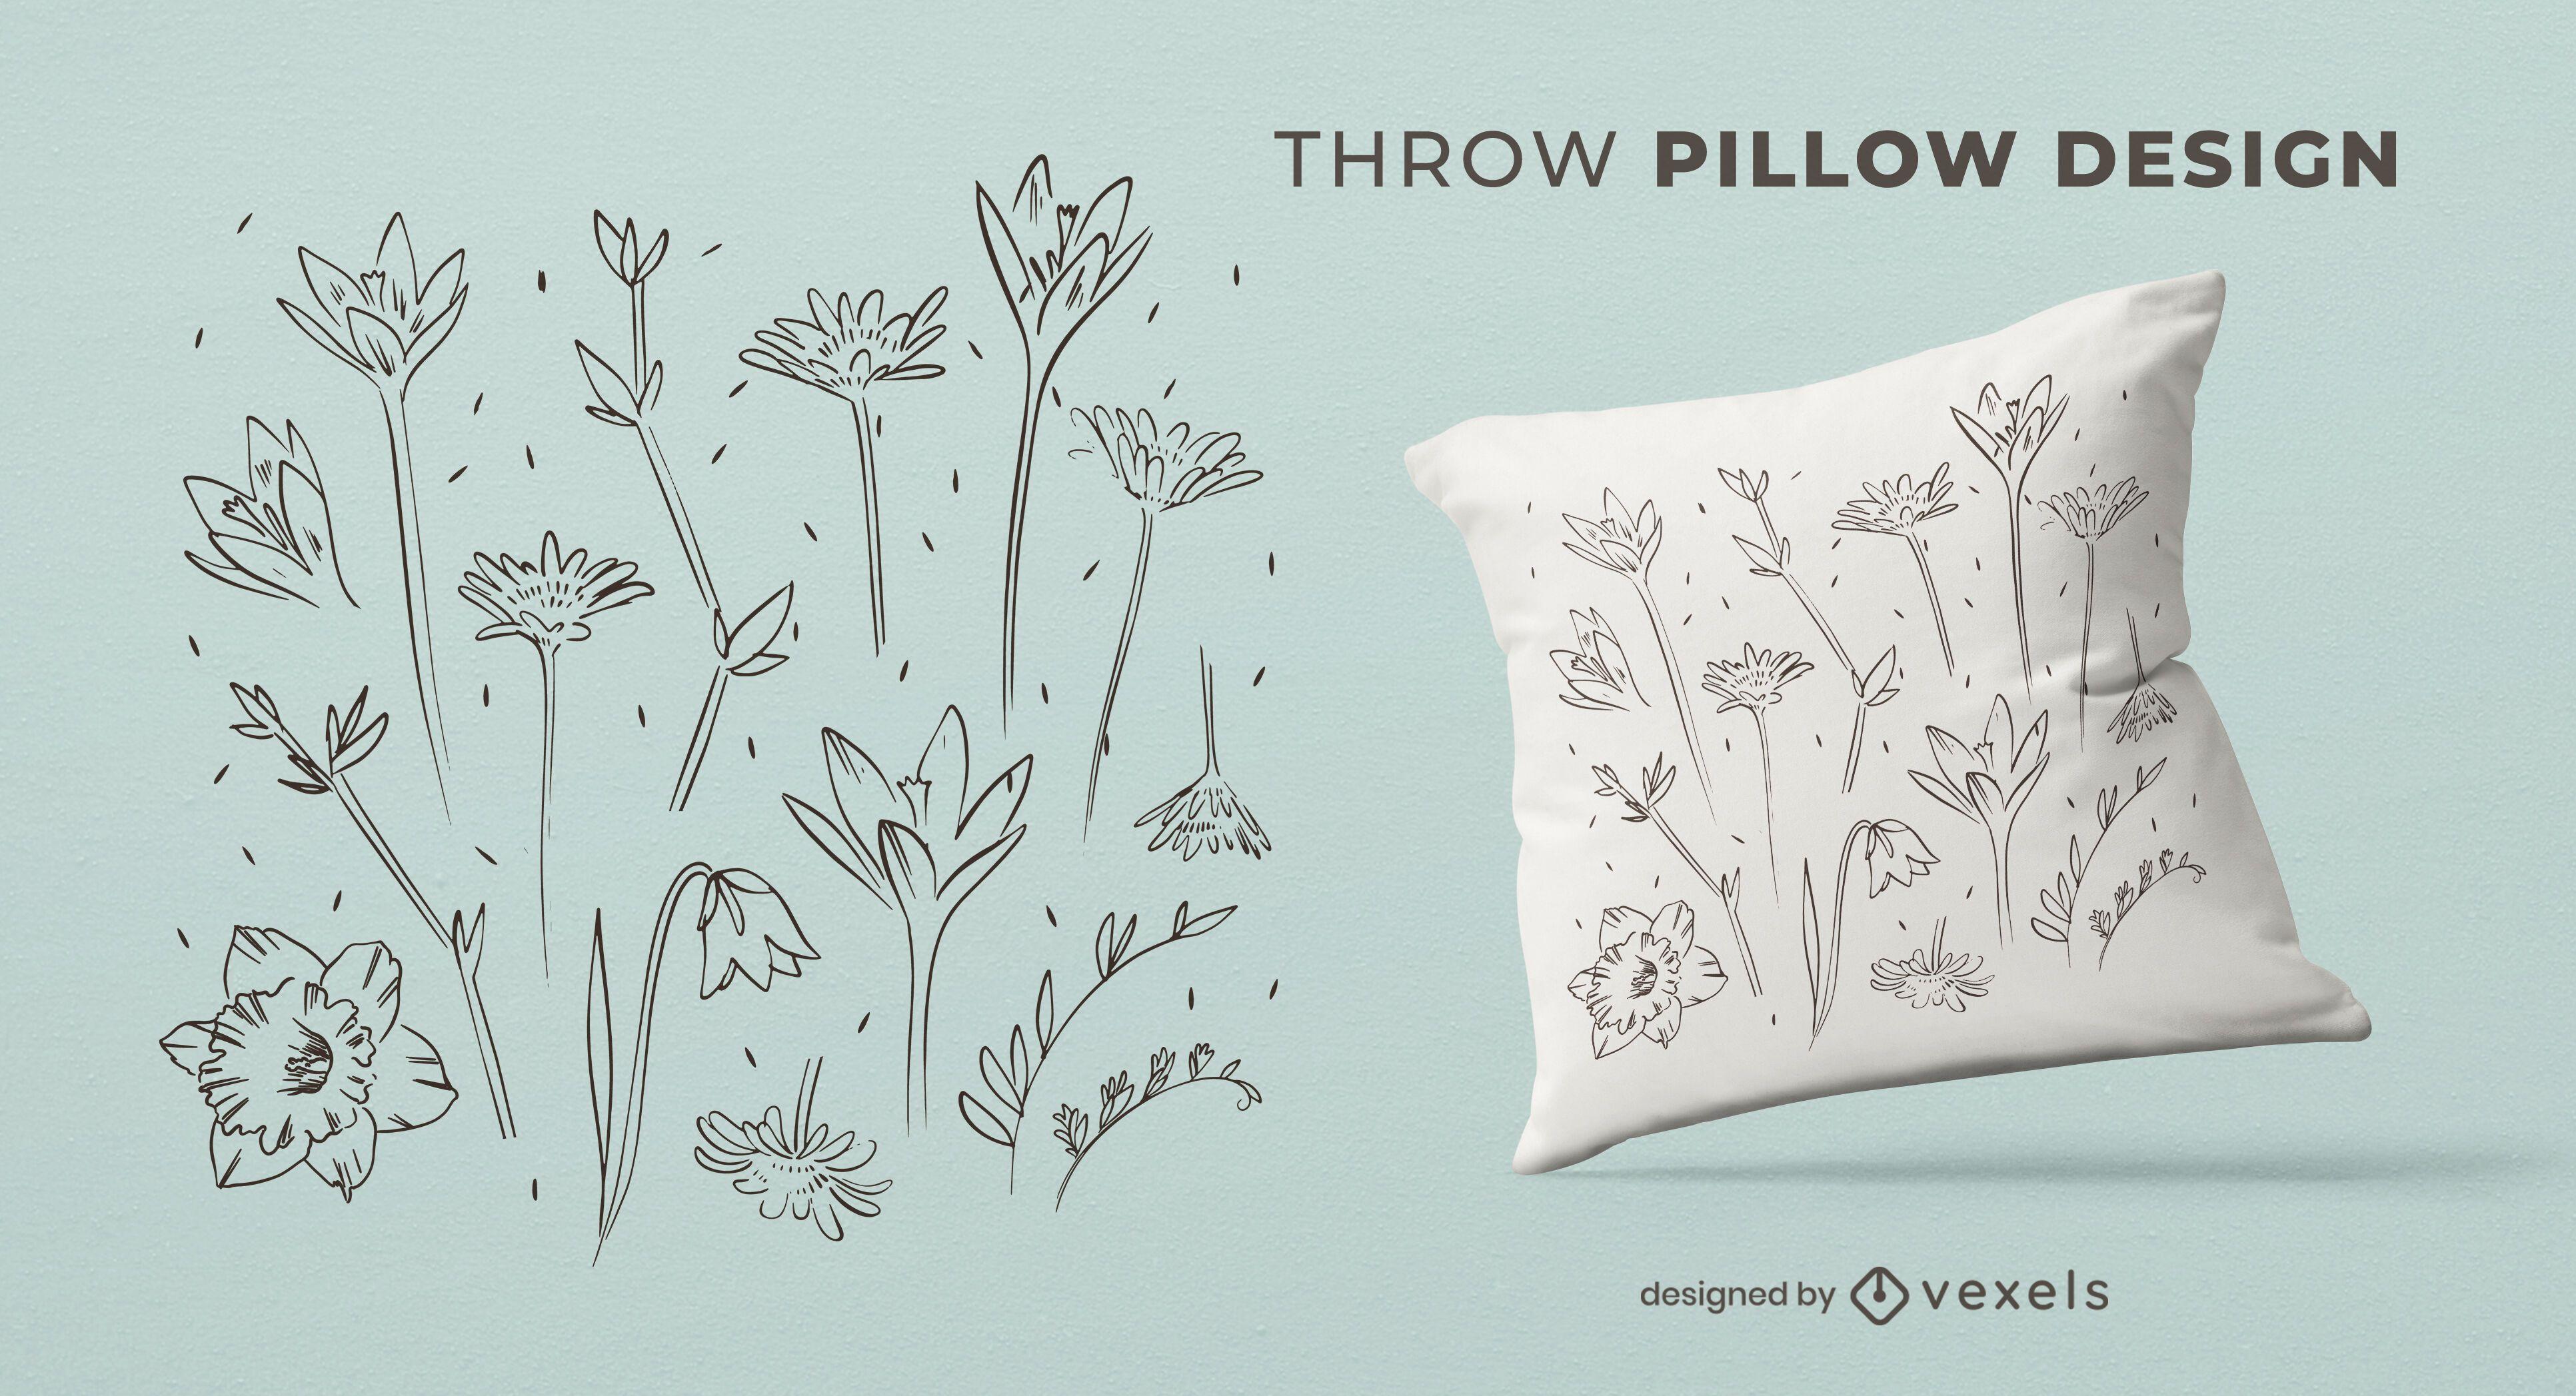 Desenho de almofadas com flores desenhadas à mão